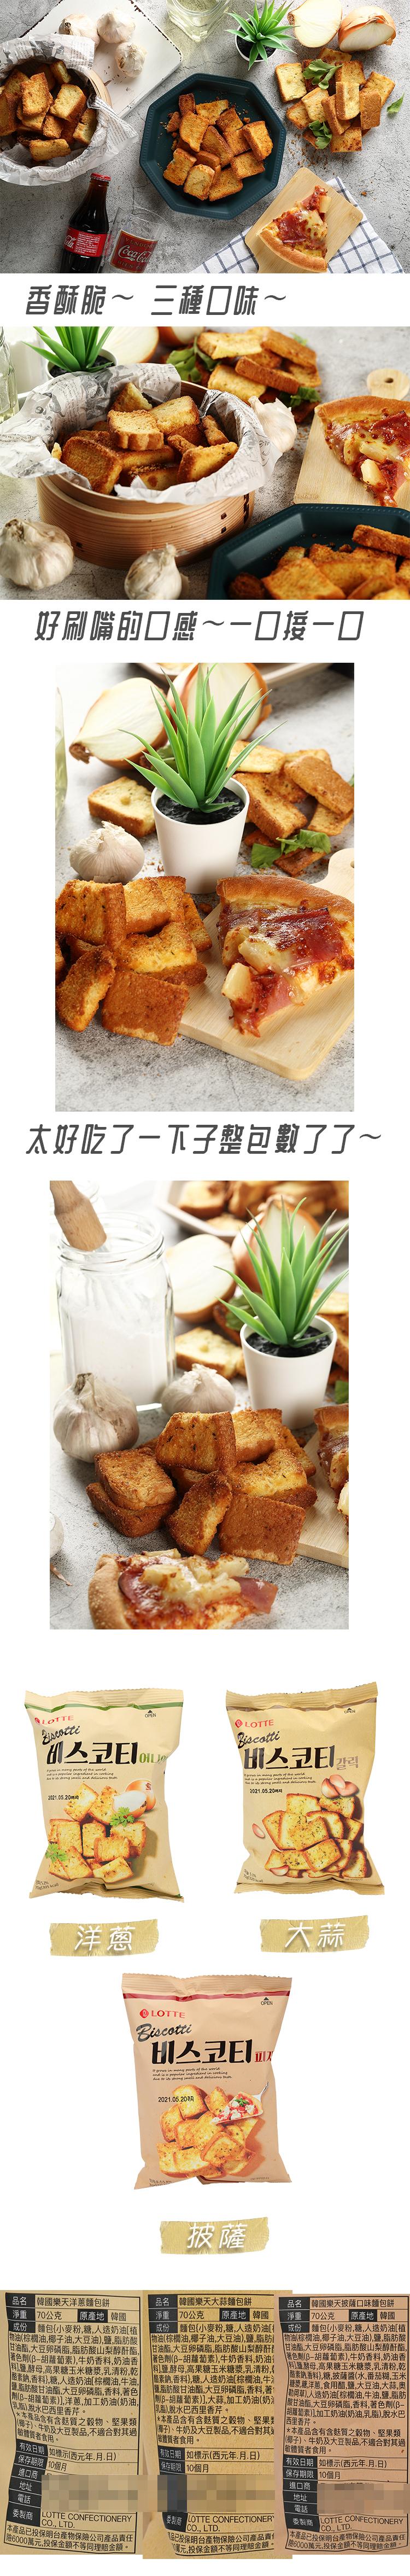 韓國 樂天 LOTTE 大蒜麵包餅EC